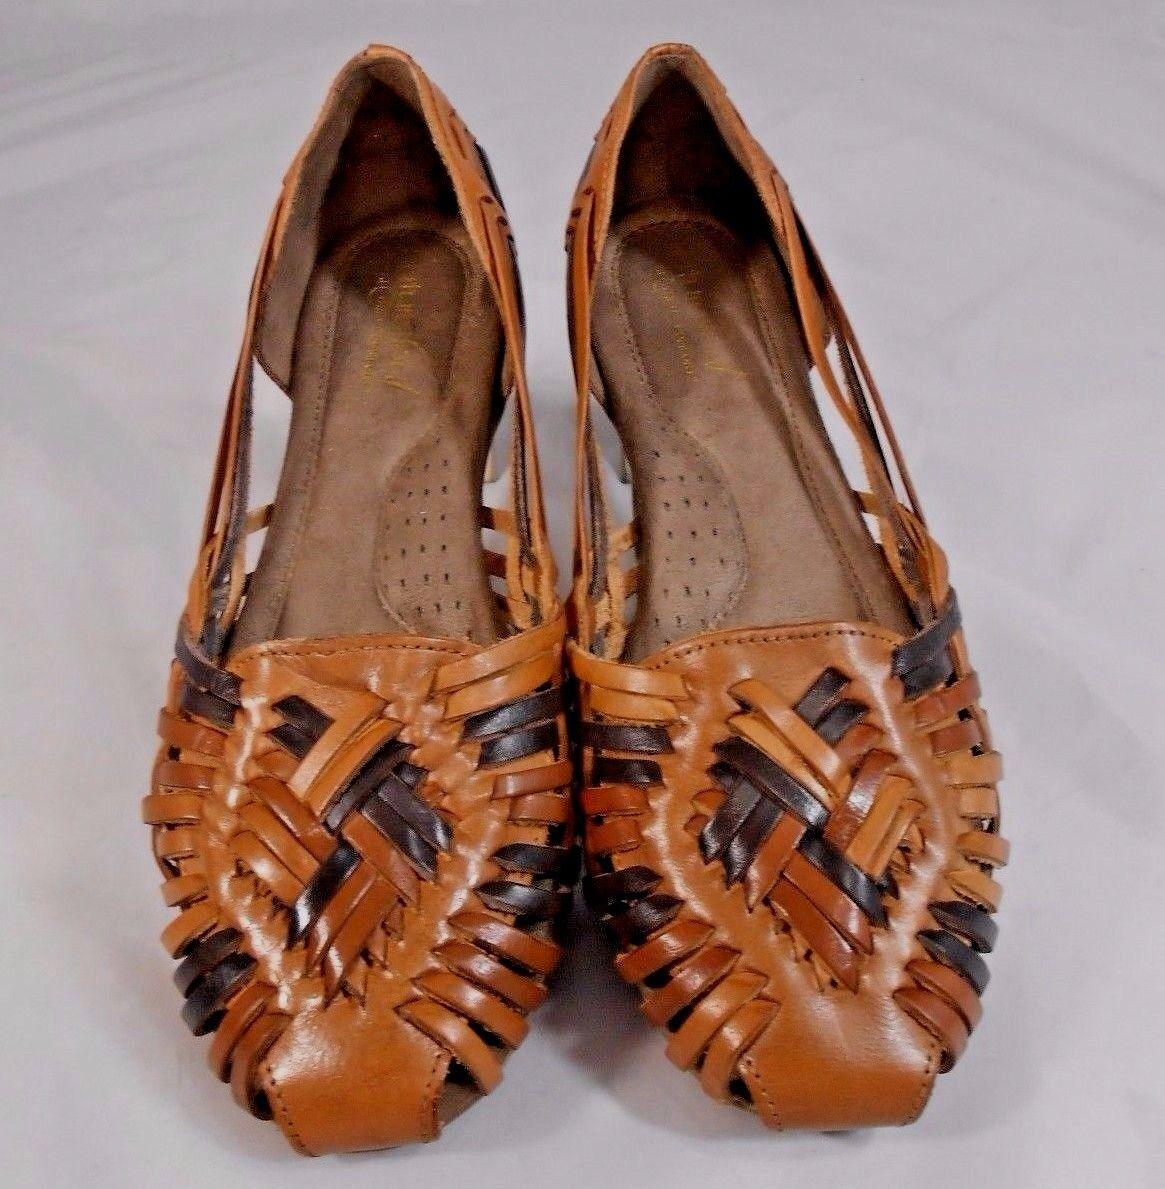 Natural Soul All Thru Comfort GRANDEUR 7.5 Womens Ballet Flats Size 7.5 GRANDEUR M Brown Tan b505f8